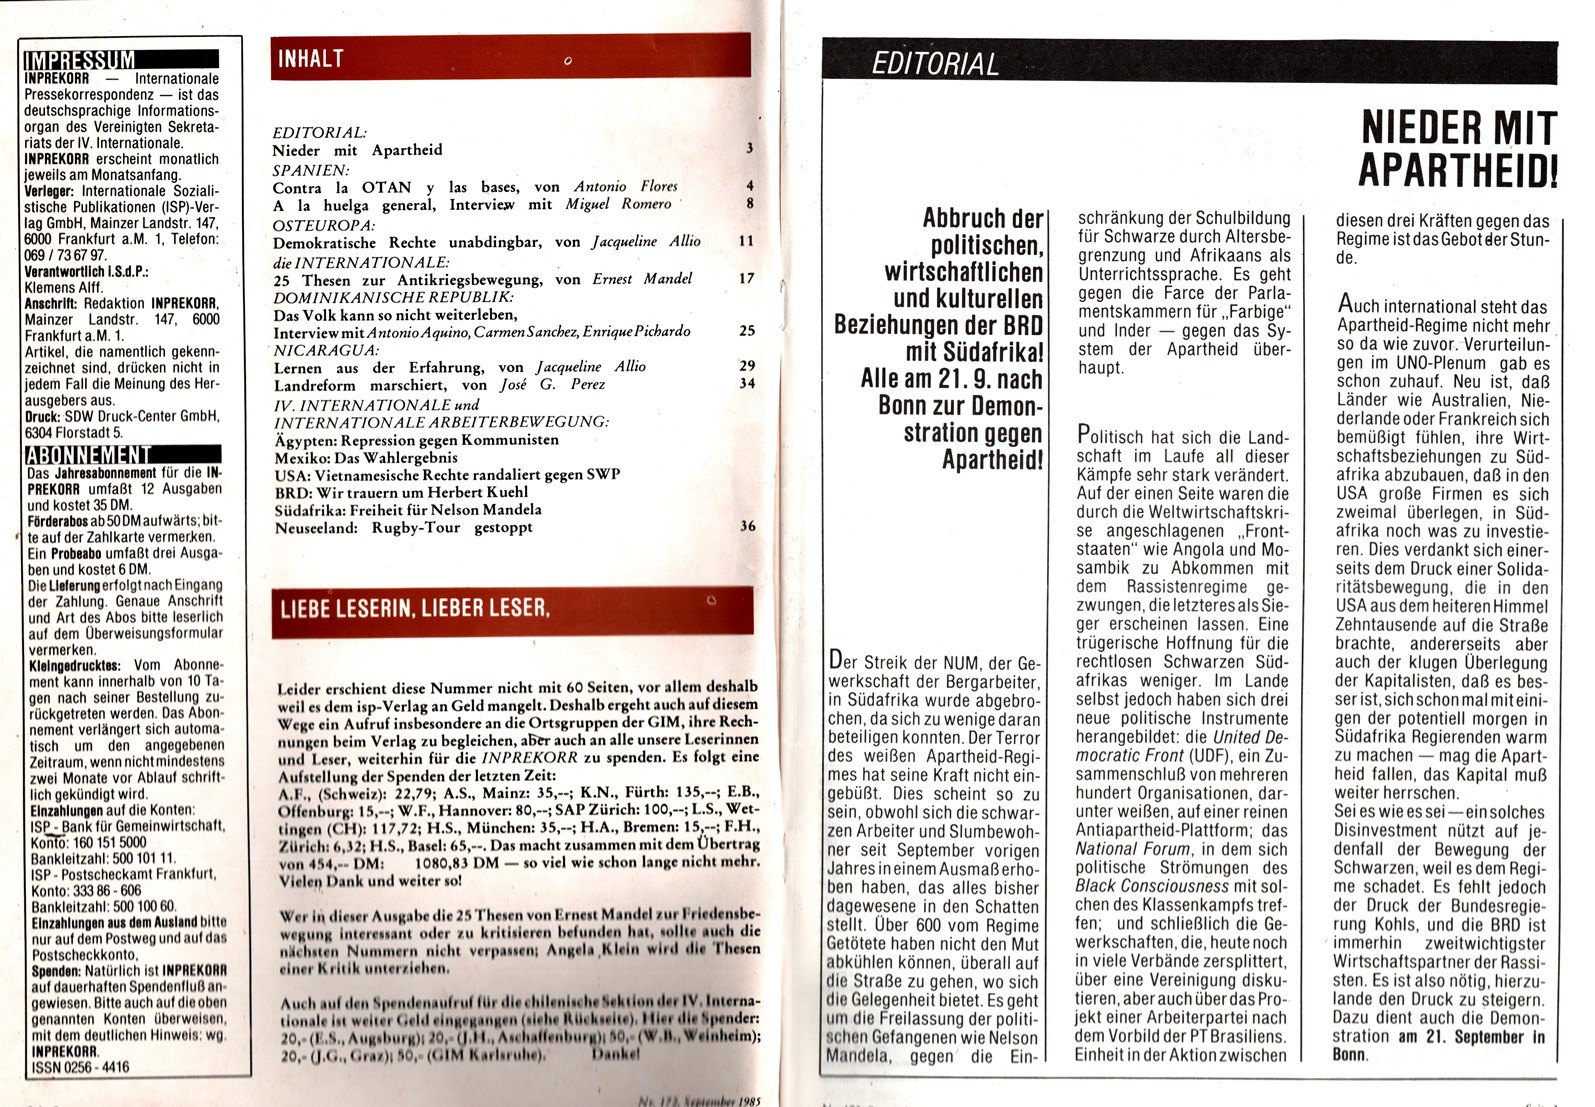 Inprekorr_19850900_172_002